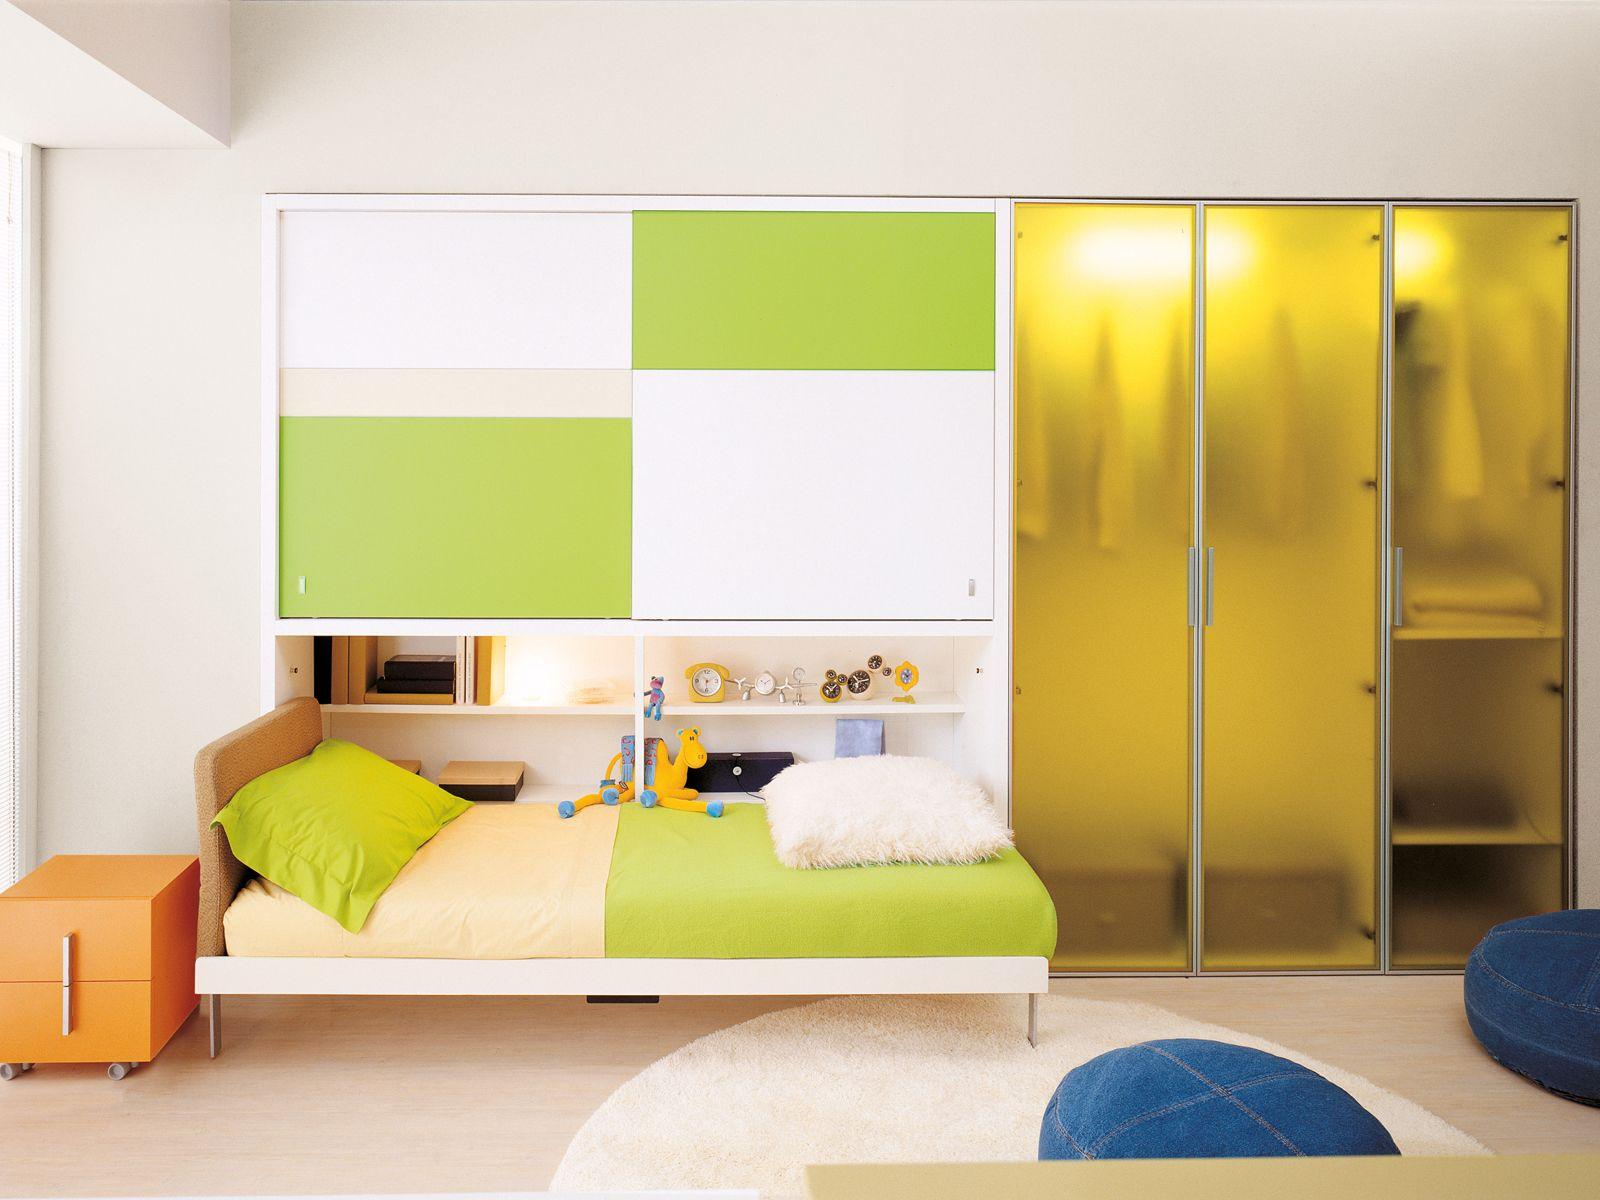 a0f8a3de6449c59c664998ee386d9e8a Inspirierend Teenager Schlafzimmer Designs Xzw1